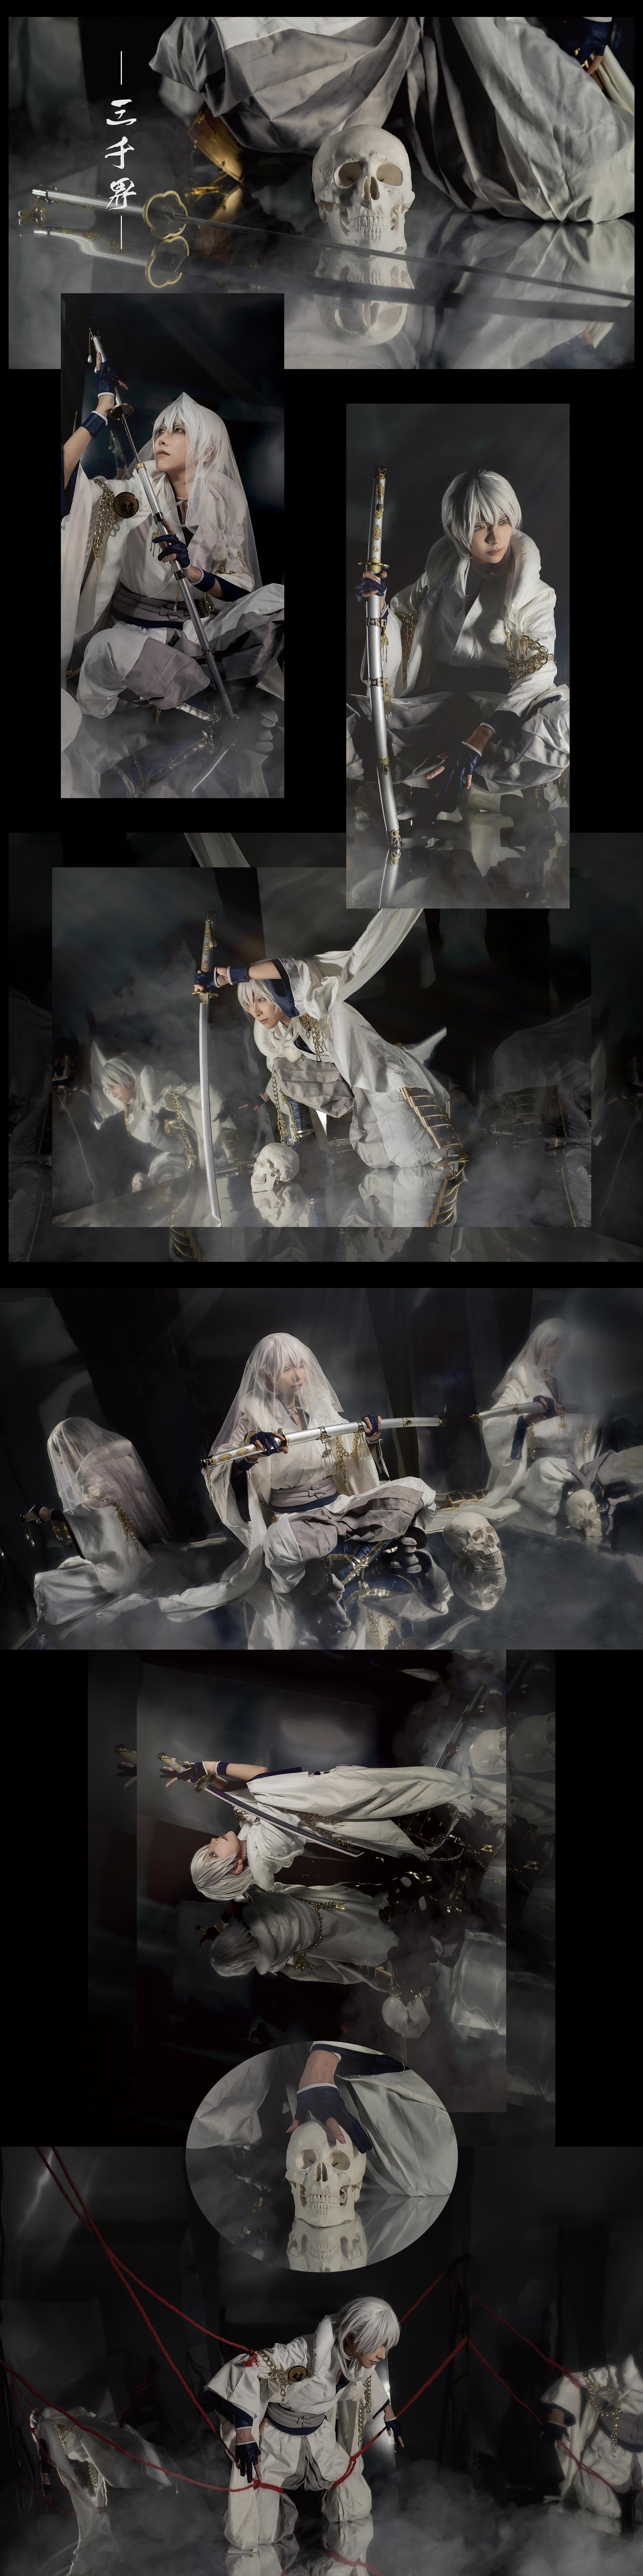 《刀剑乱舞》正片cosplay【CN:coser张国风】-第1张